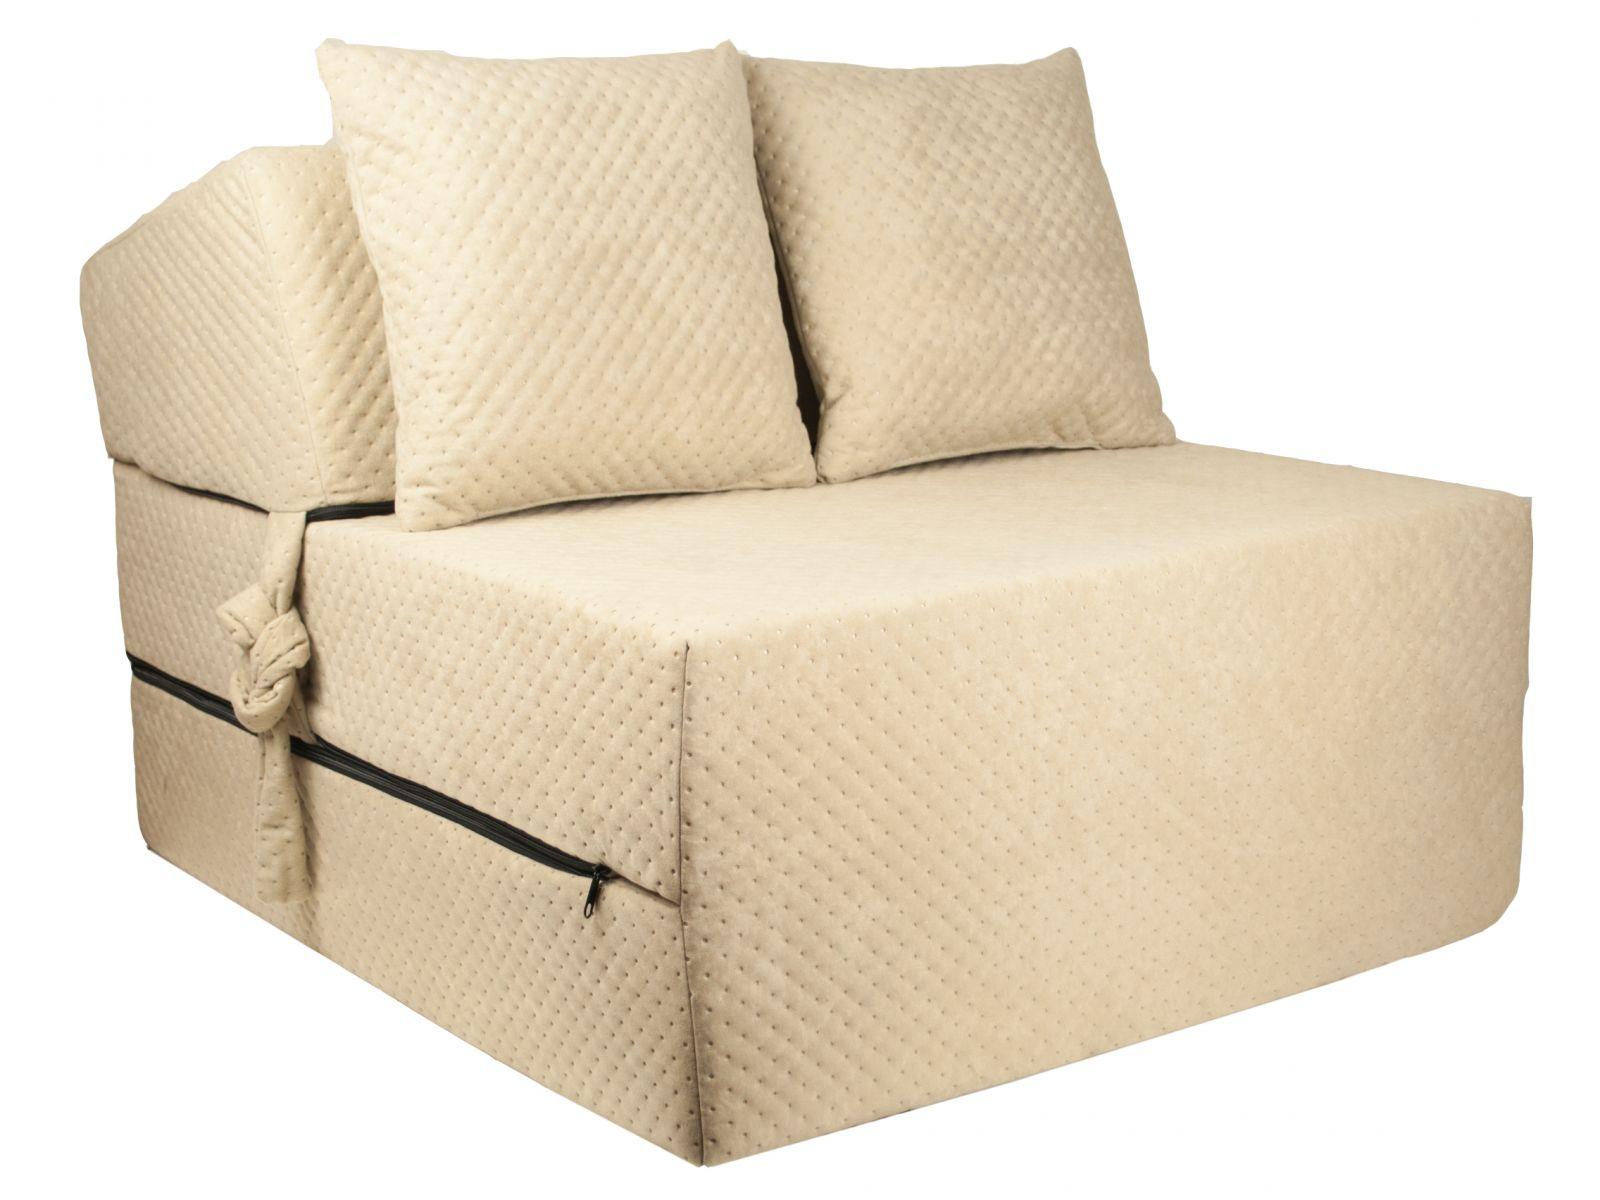 Fimex Rozkládací křeslo - matrace pro hosty Comfort béžové